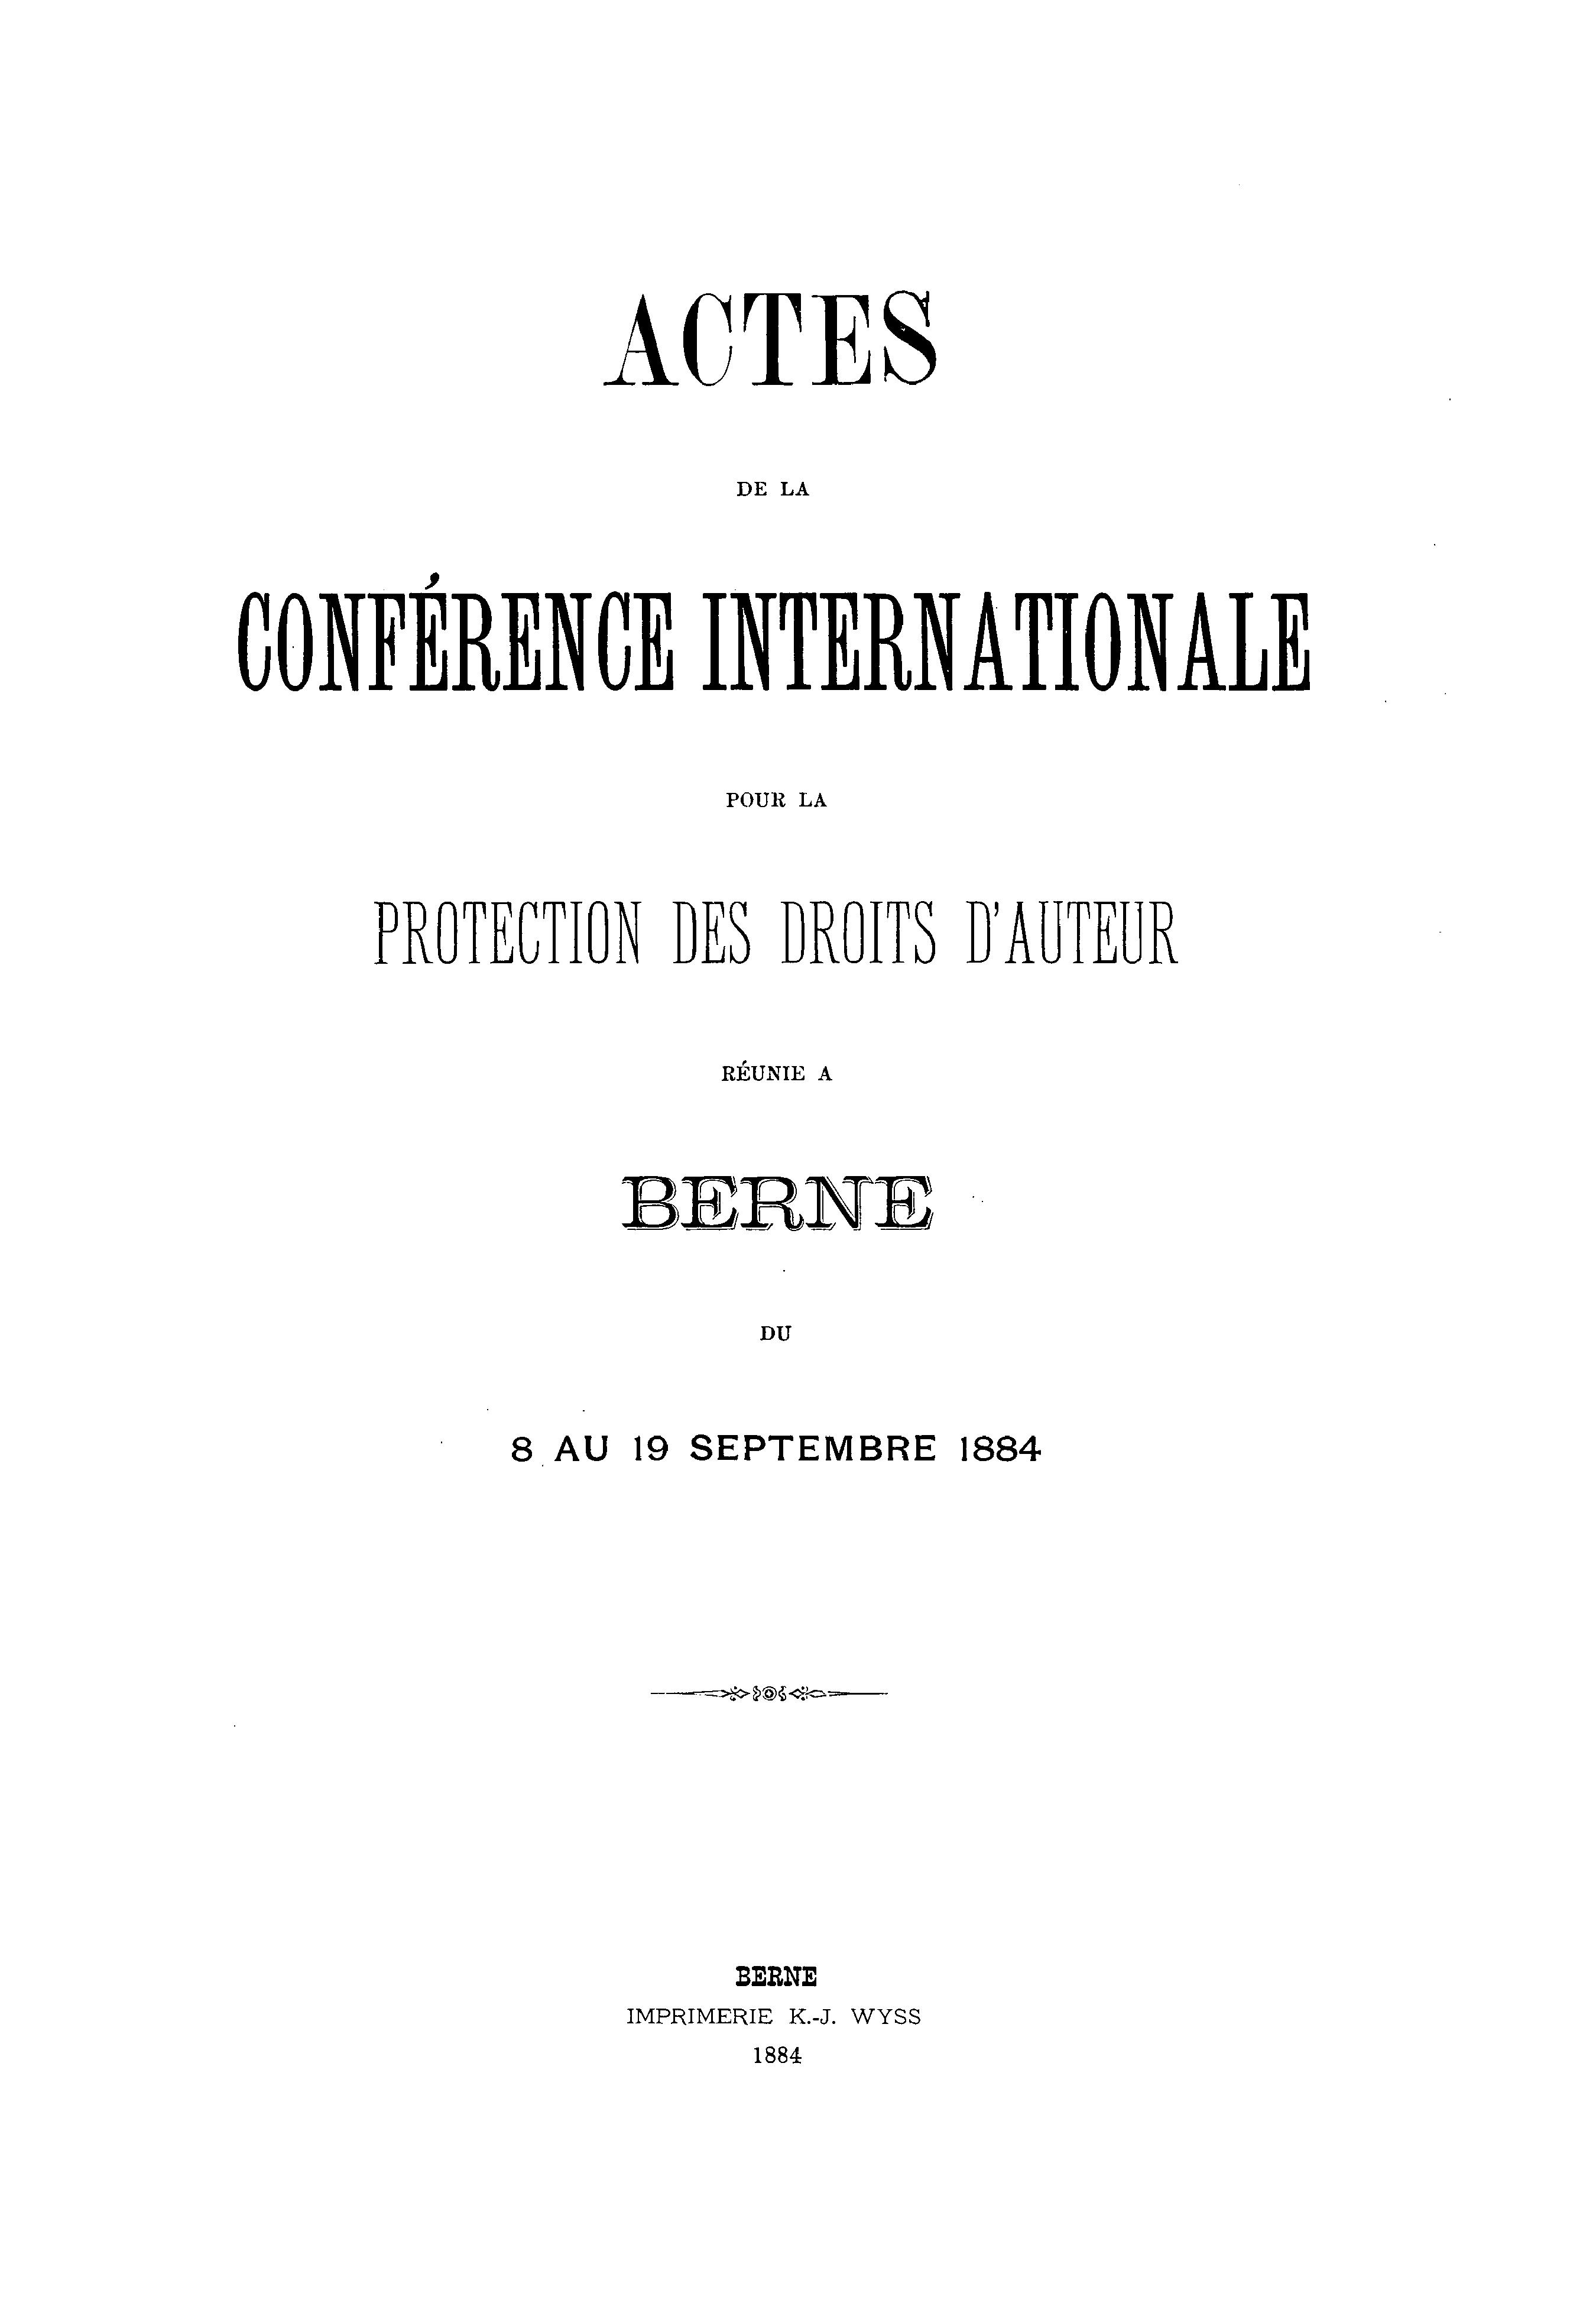 WIPO/PUB/BERNE/1884-86